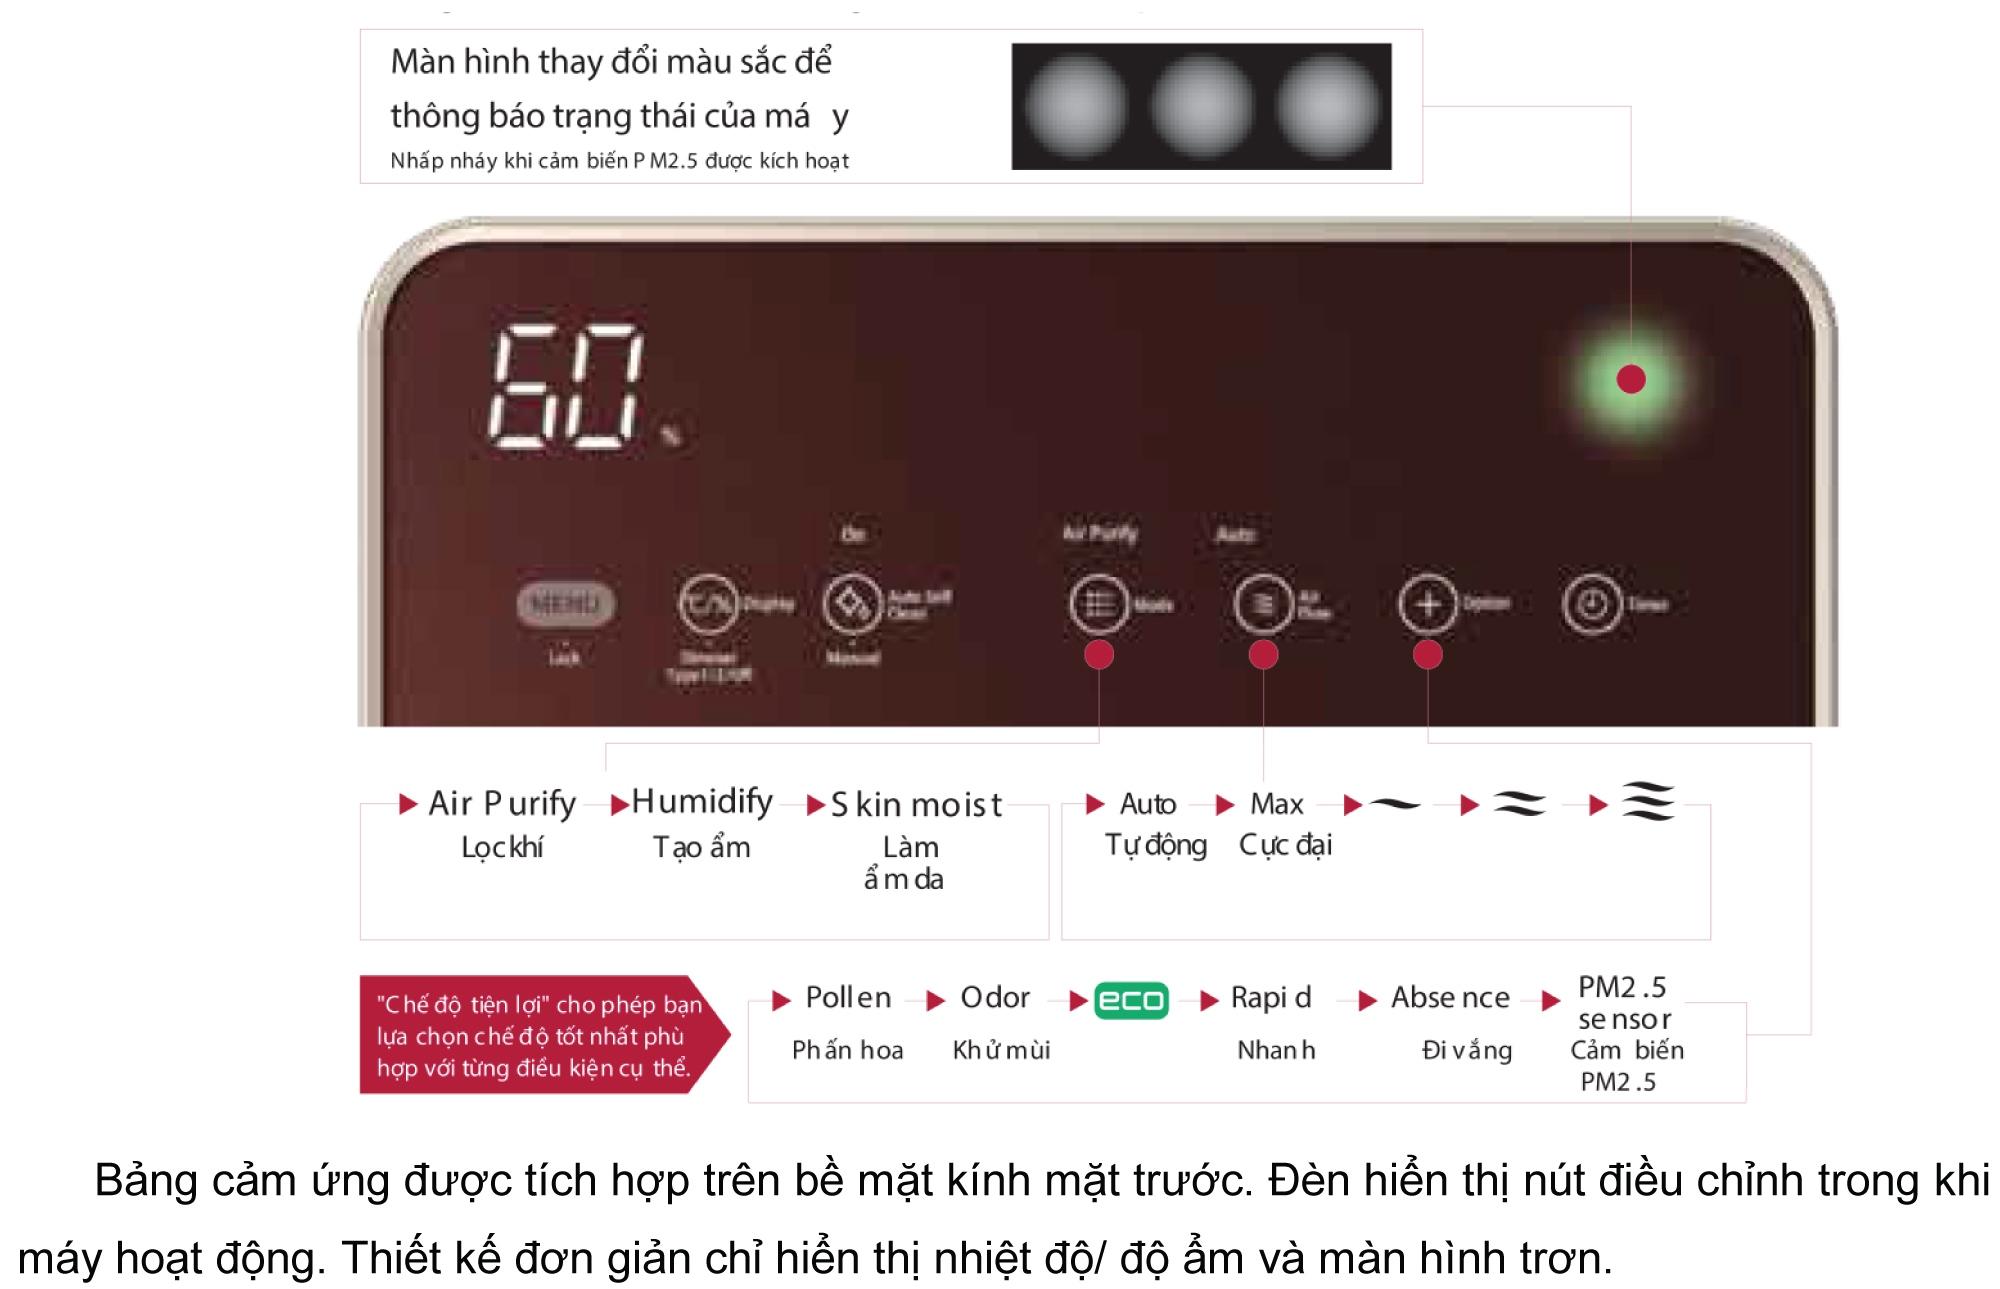 Báo ô nhiễm thời gian thực bằng đèn hiển thị màu sắc